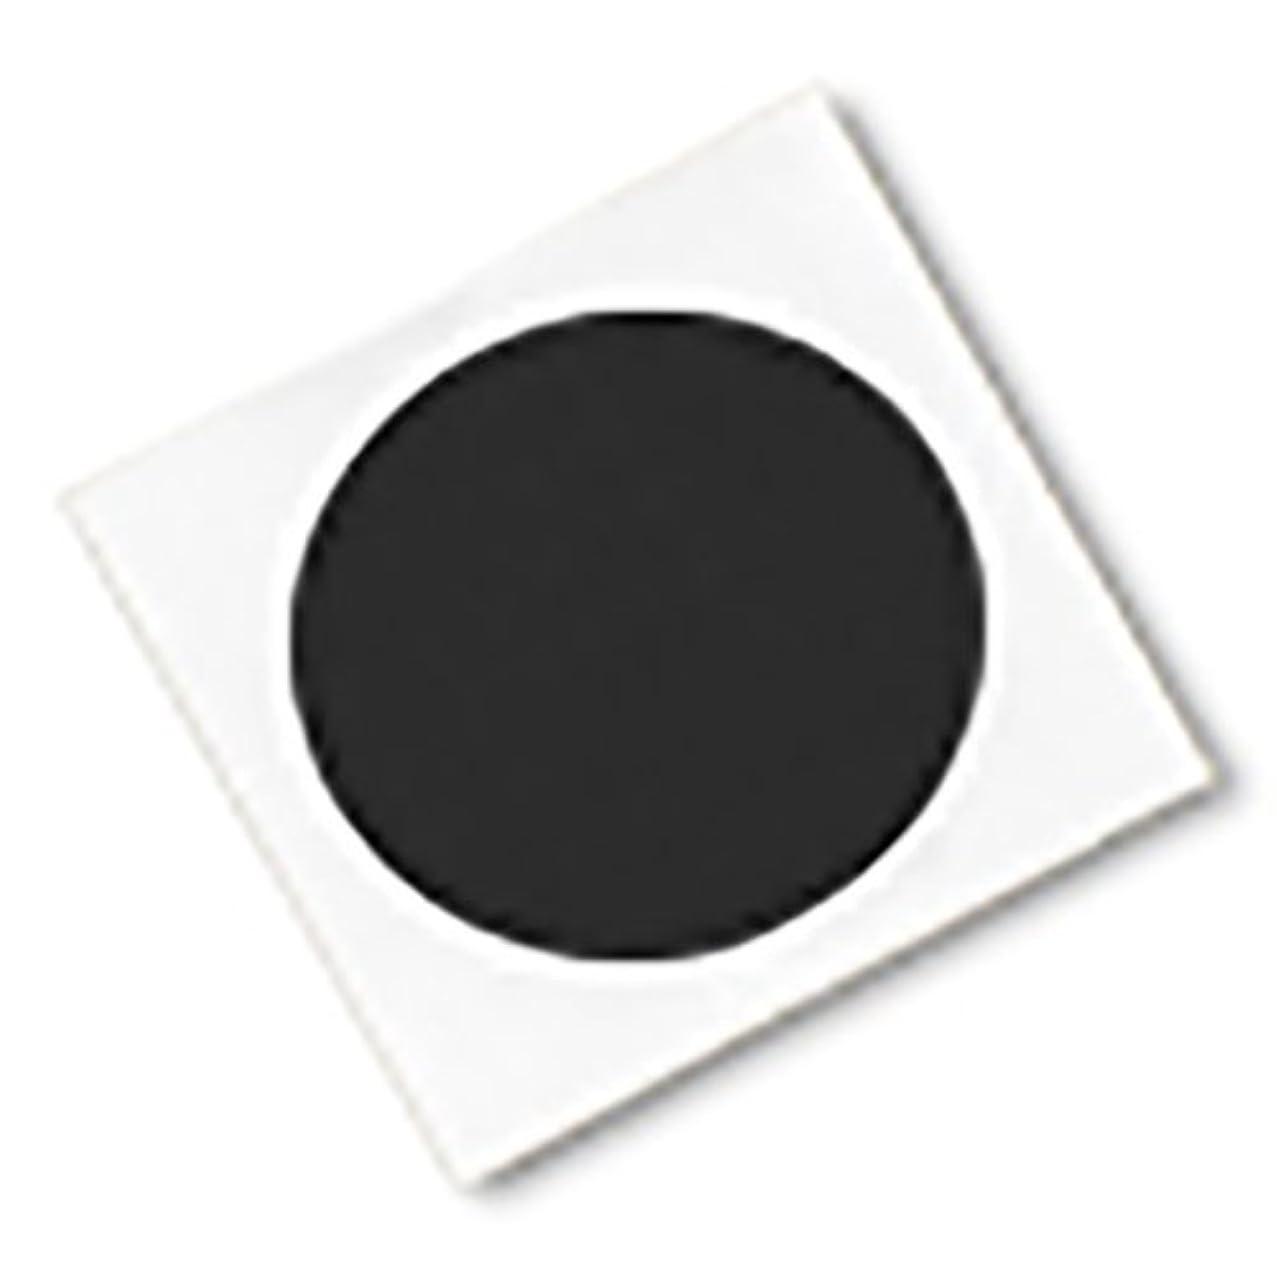 3M 616 CIRCLE-0.813